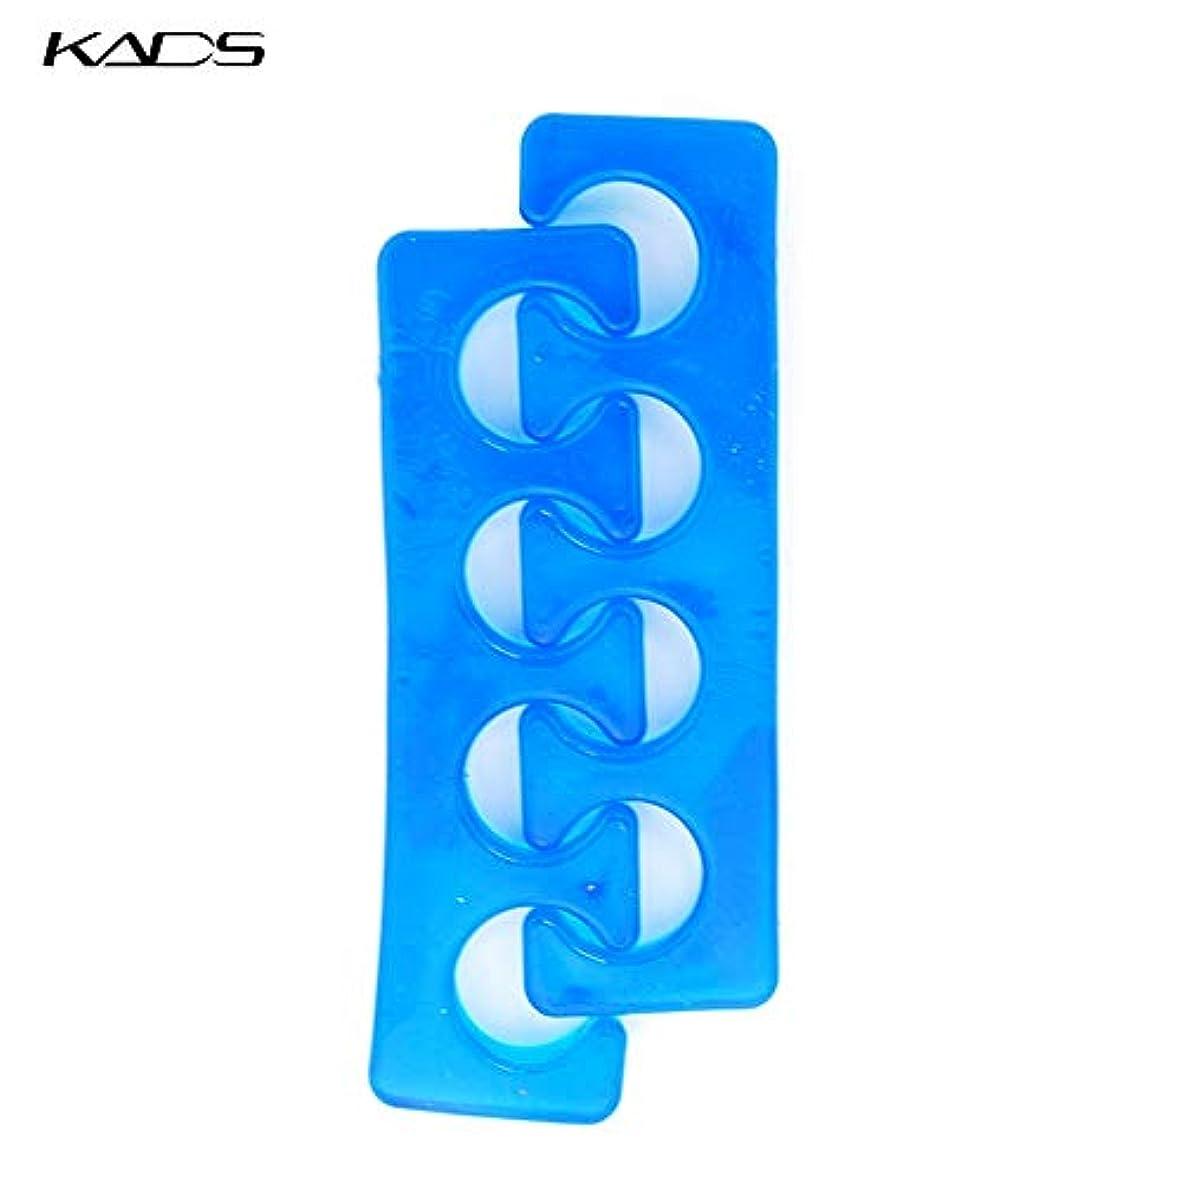 恵みかるみすぼらしいKADS 足指セパレーター 柔らかいシリコン製 2個入り ネイルセパレーター トウセパレーター ネイルアート用 (ブルー)